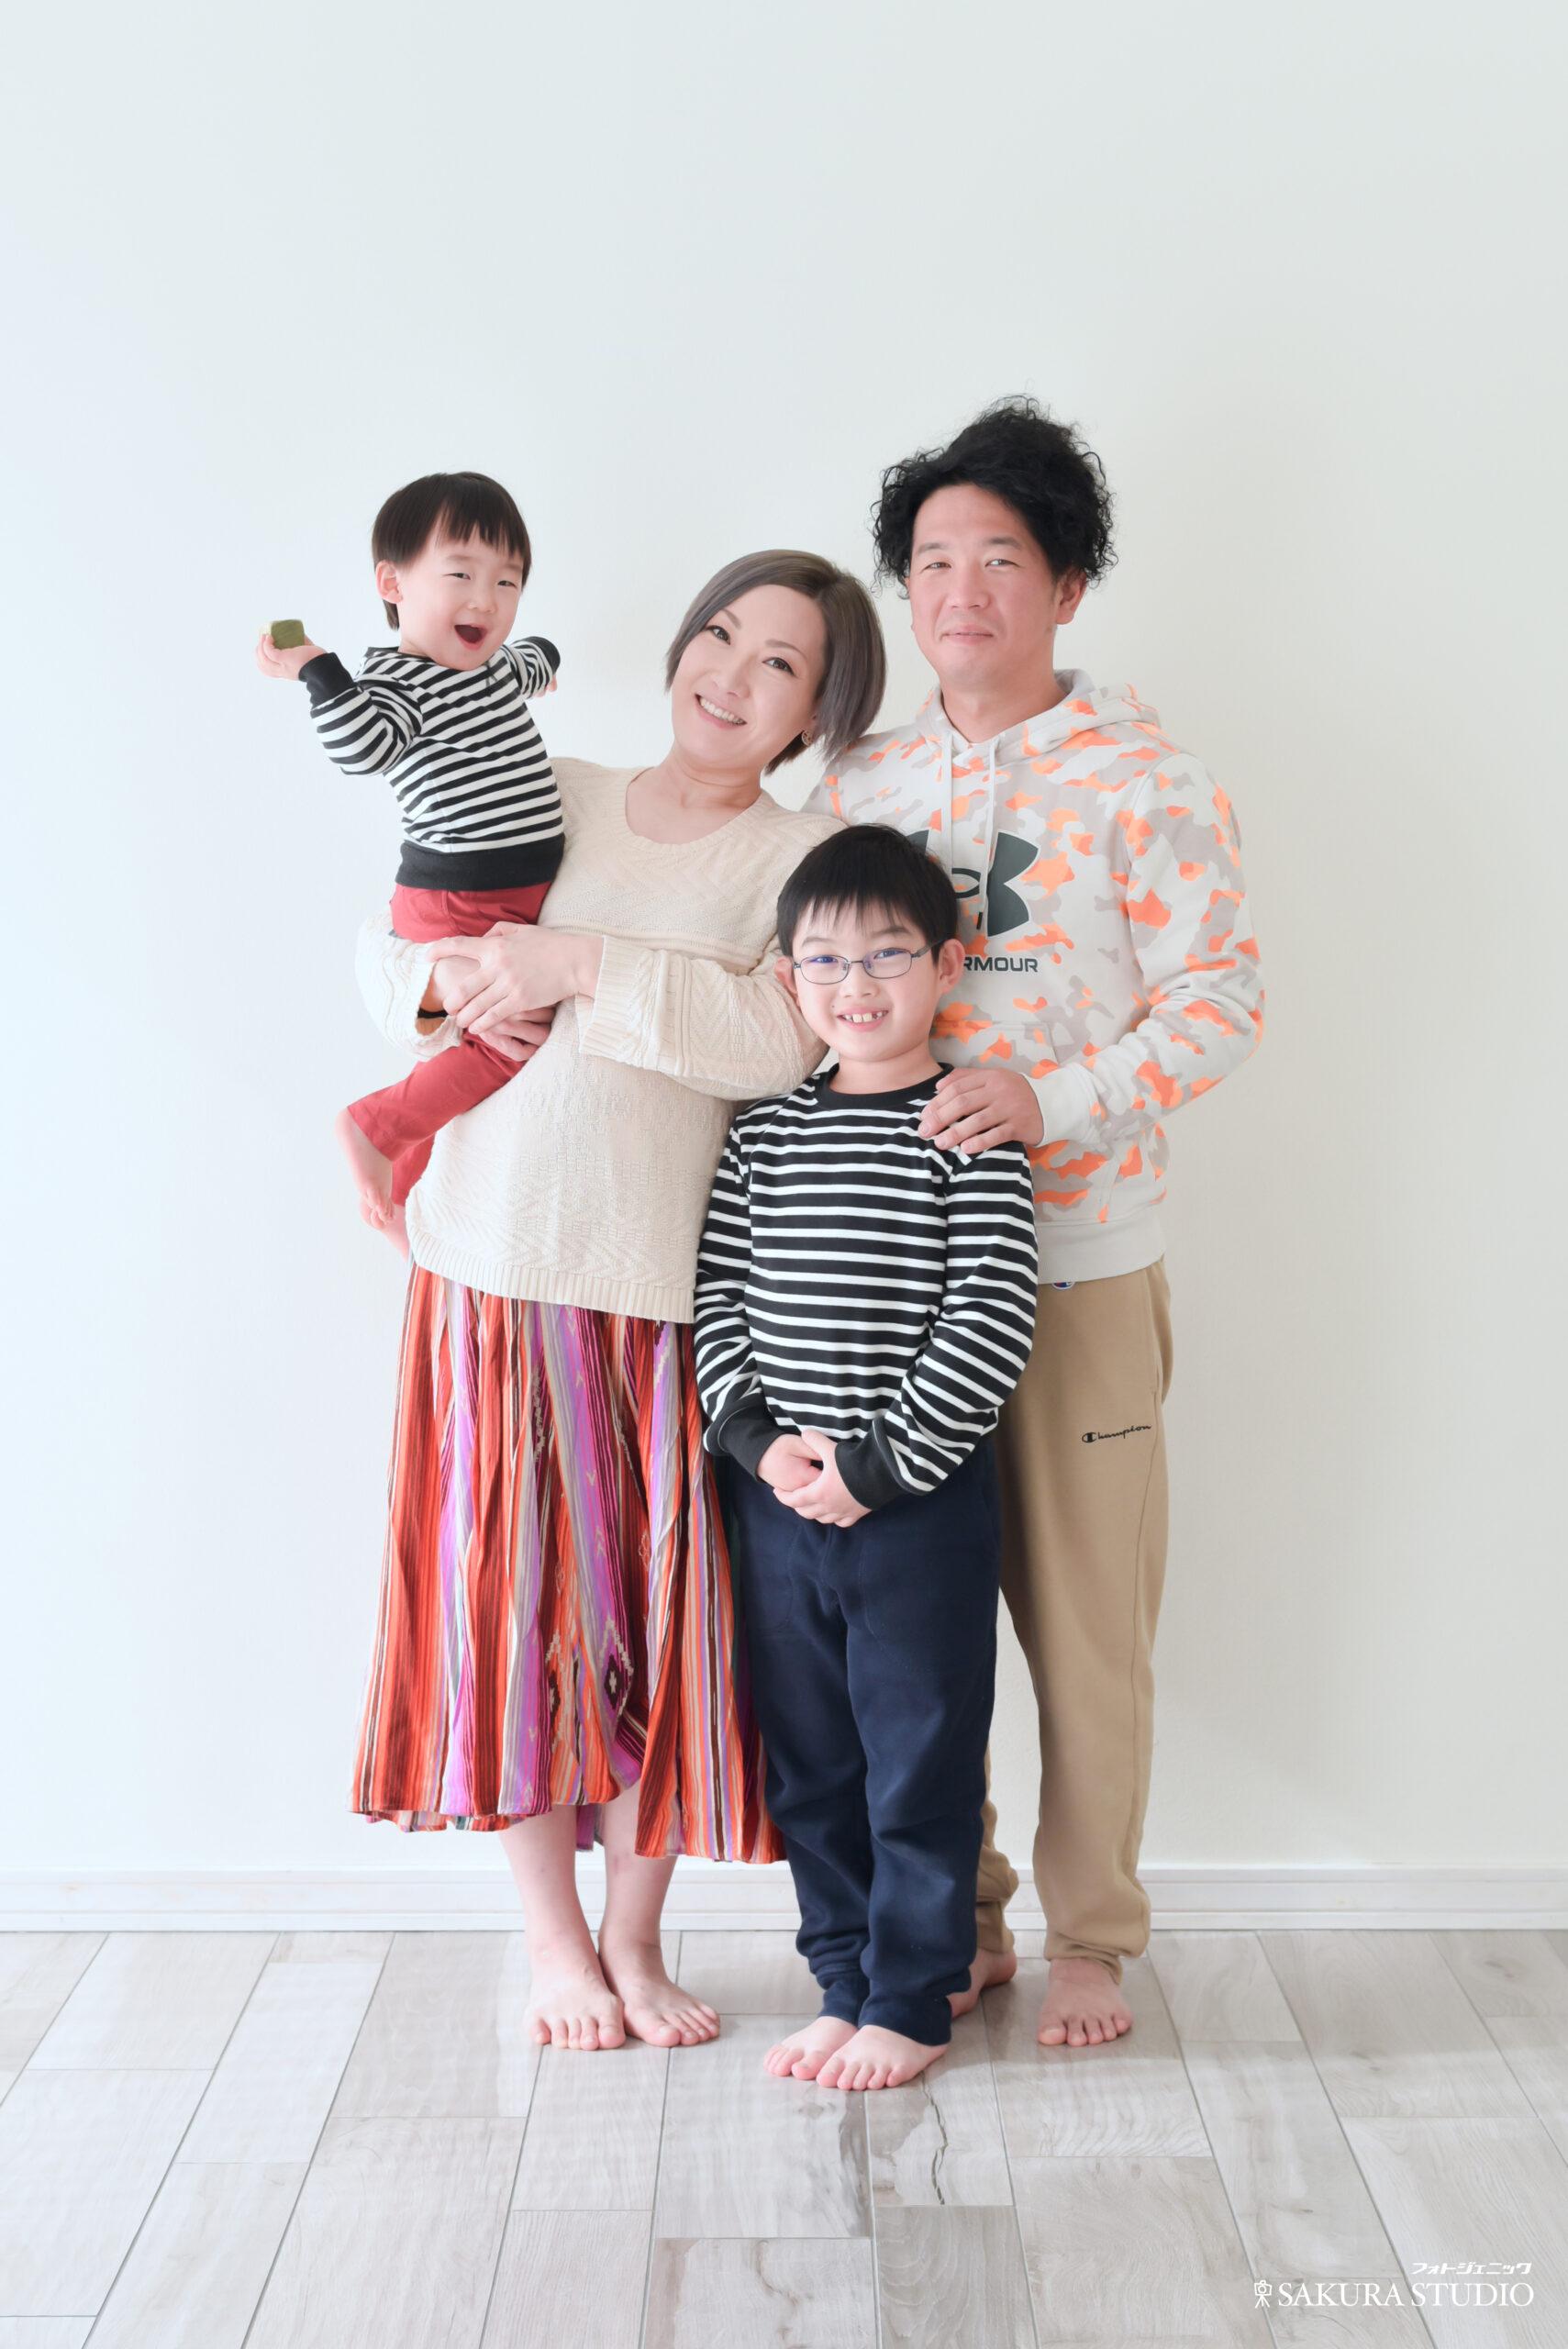 マタニティ 私服の楽しそうな家族写真 7歳と1歳の子供がいる